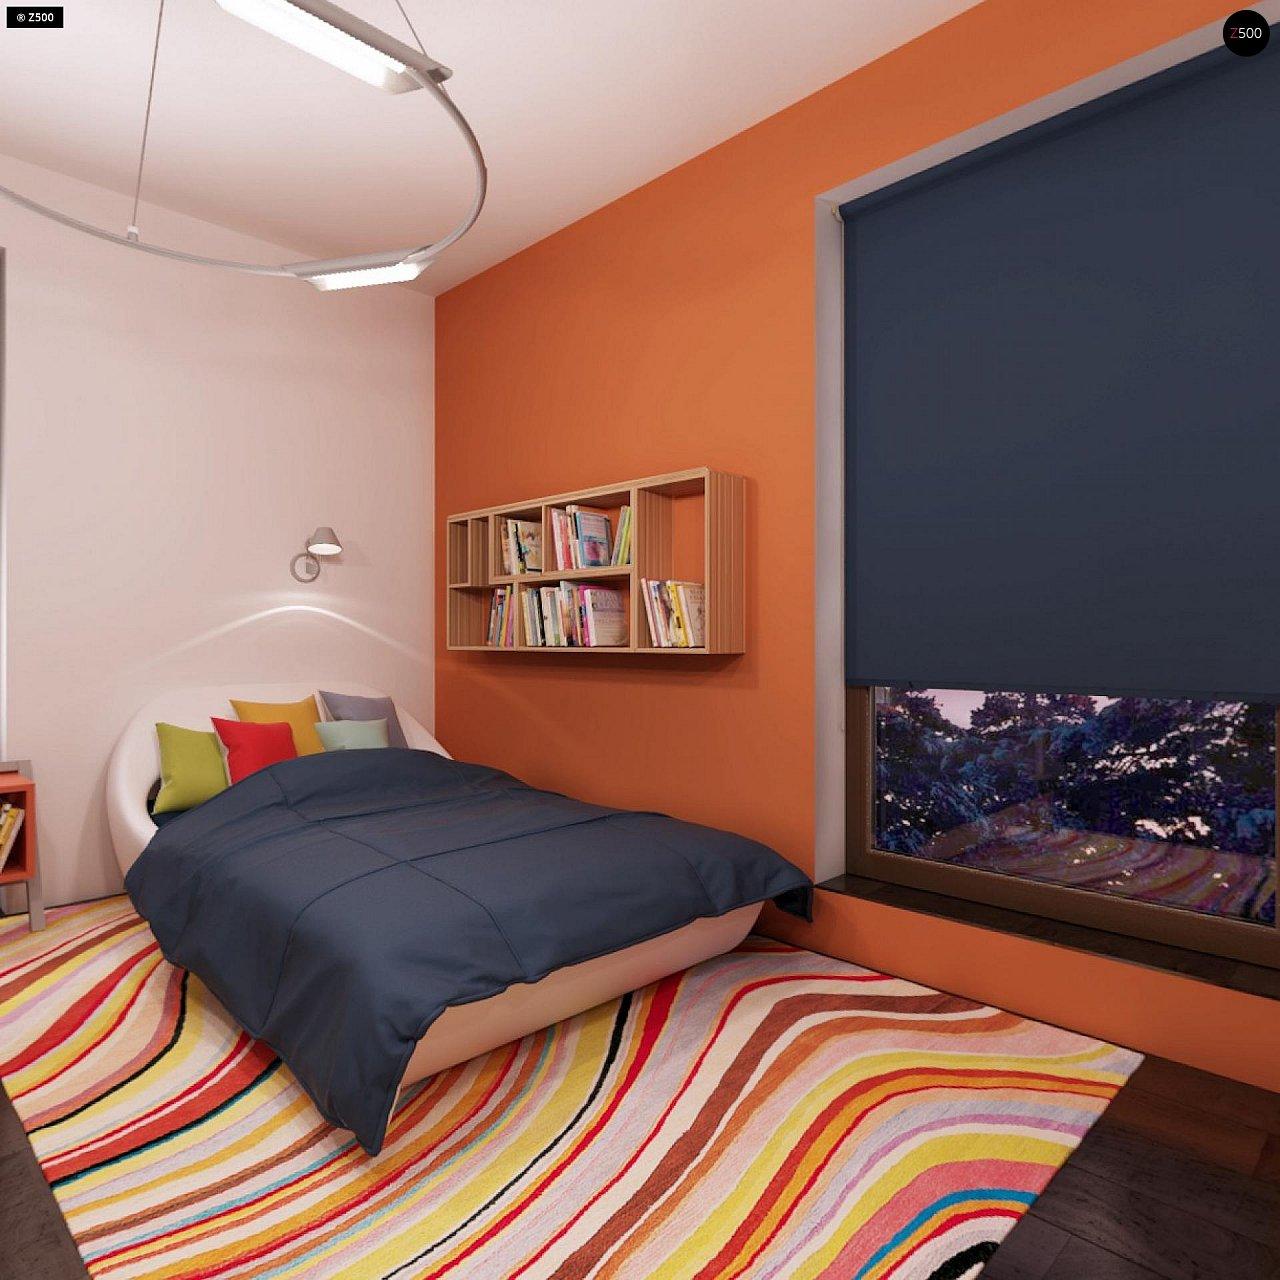 Дом характерного современного дизайна с гаражом и кабинетом на первом этаже. - фото 39